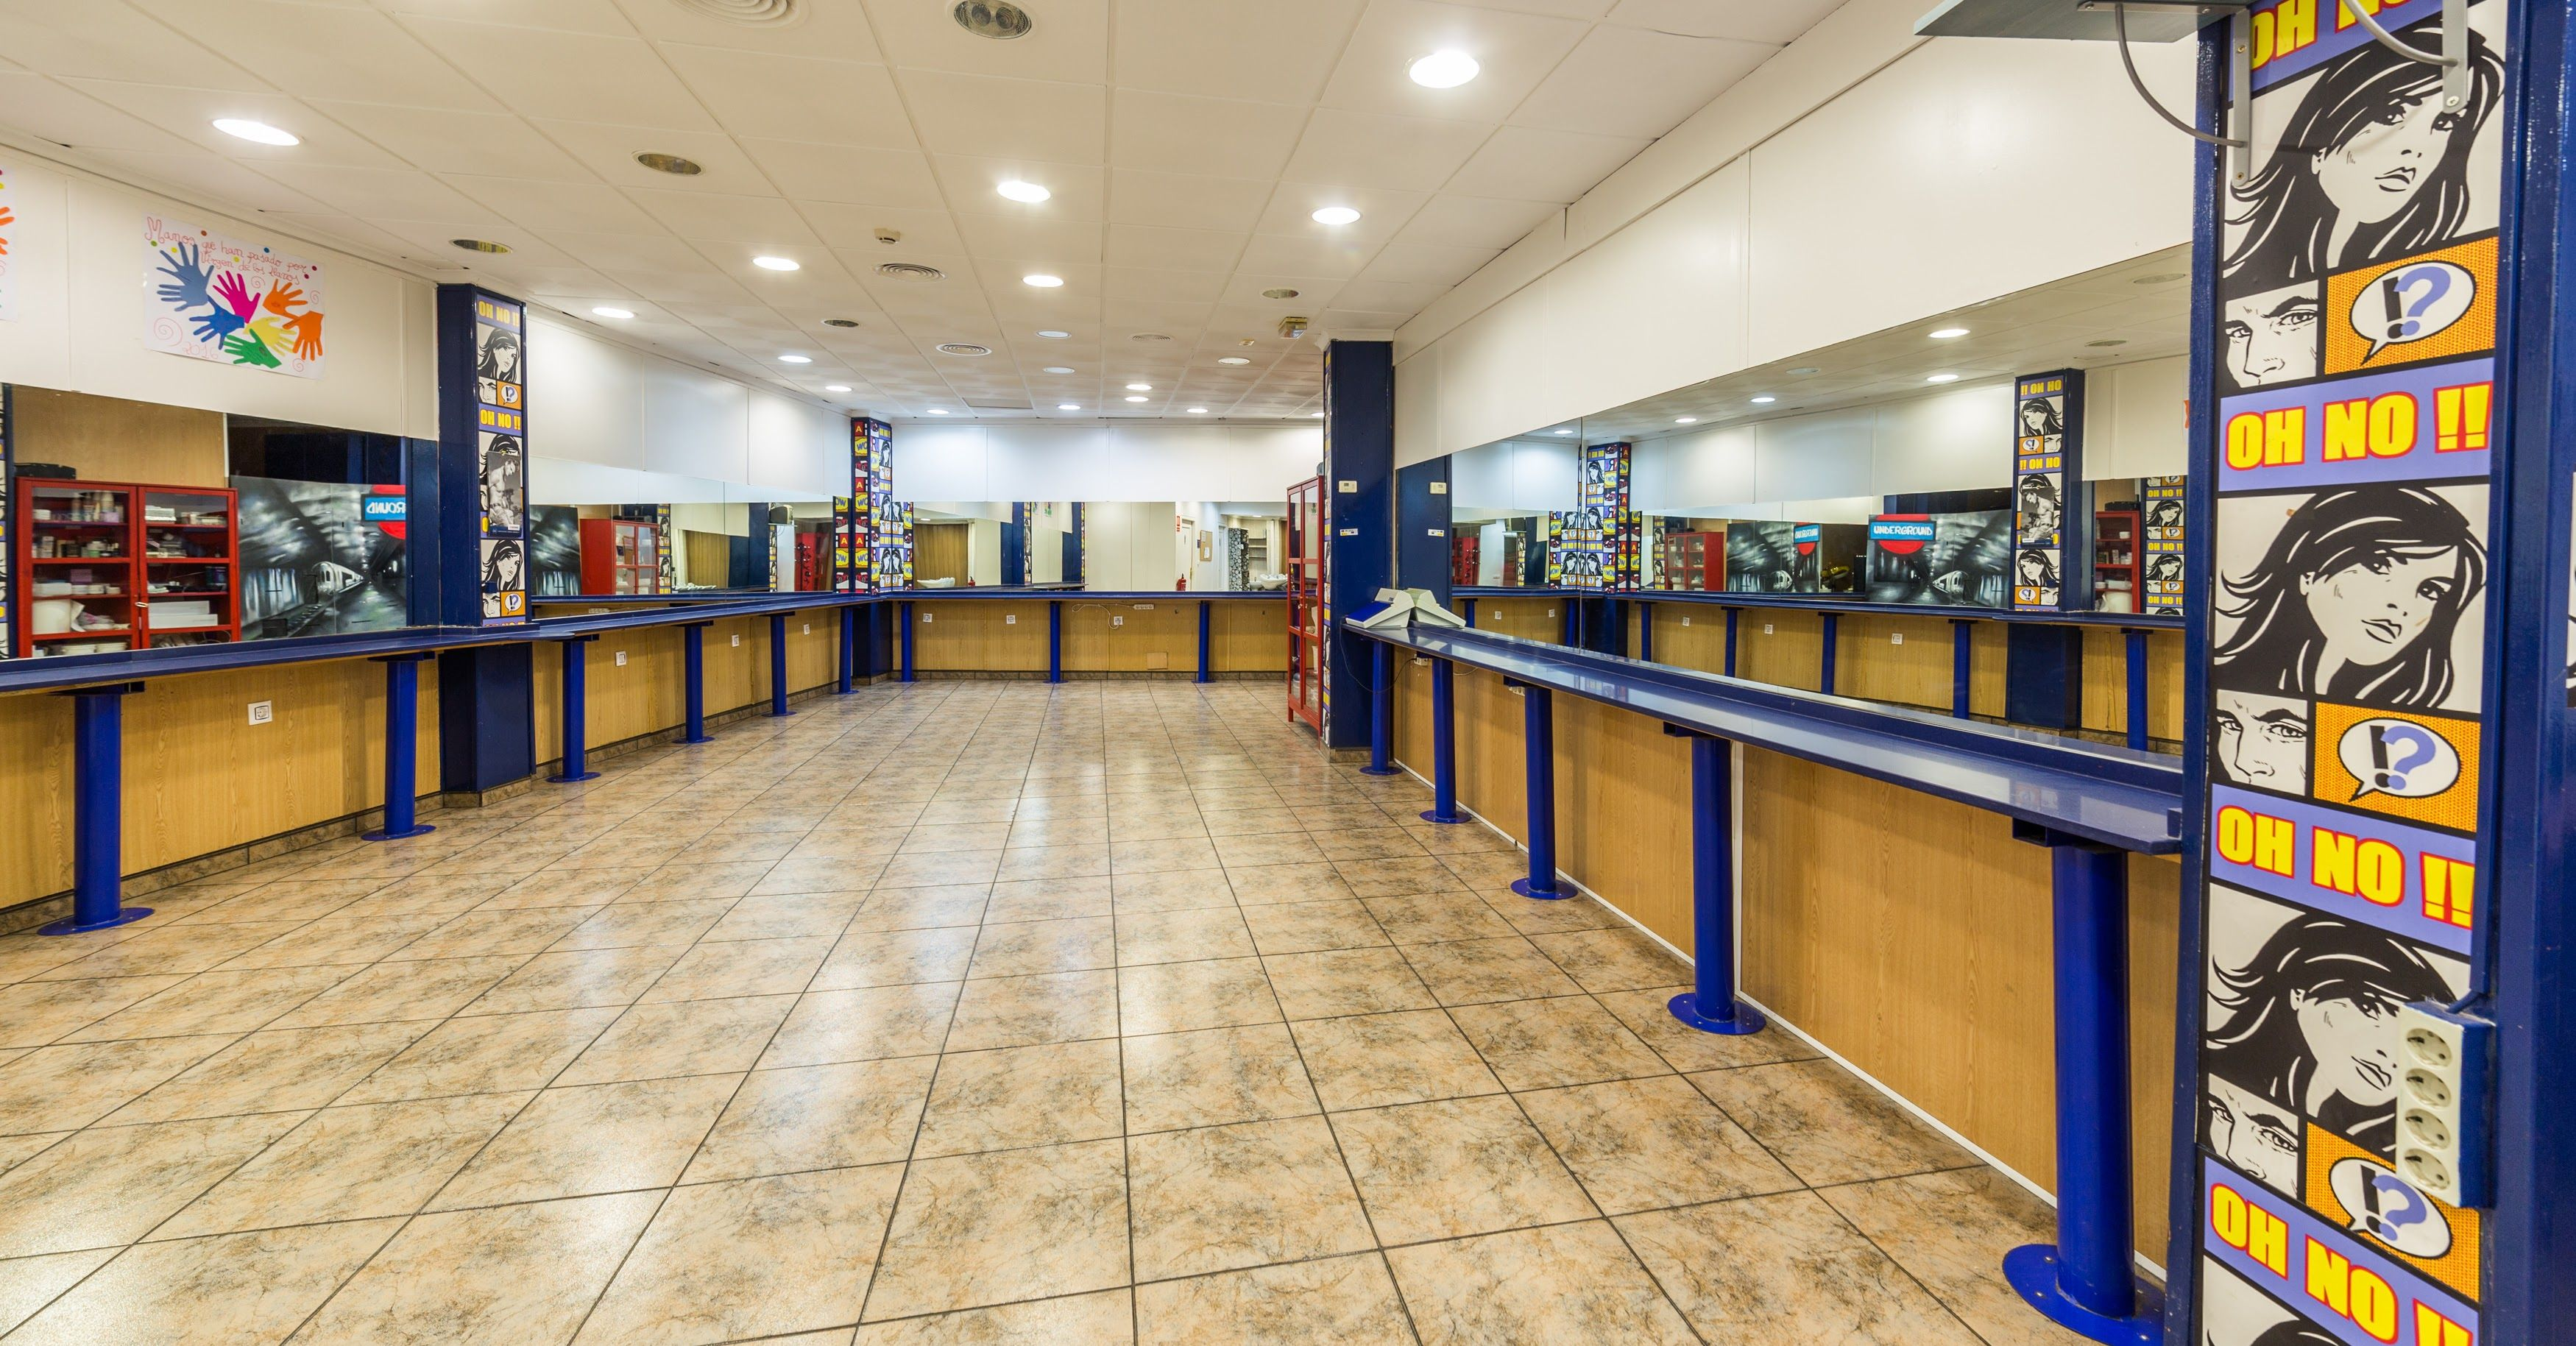 Foto 8 de Academia de peluquería y estética en Albacete | Centro de Formación de Peluquería y Estética Virgen de los Llanos Moliné